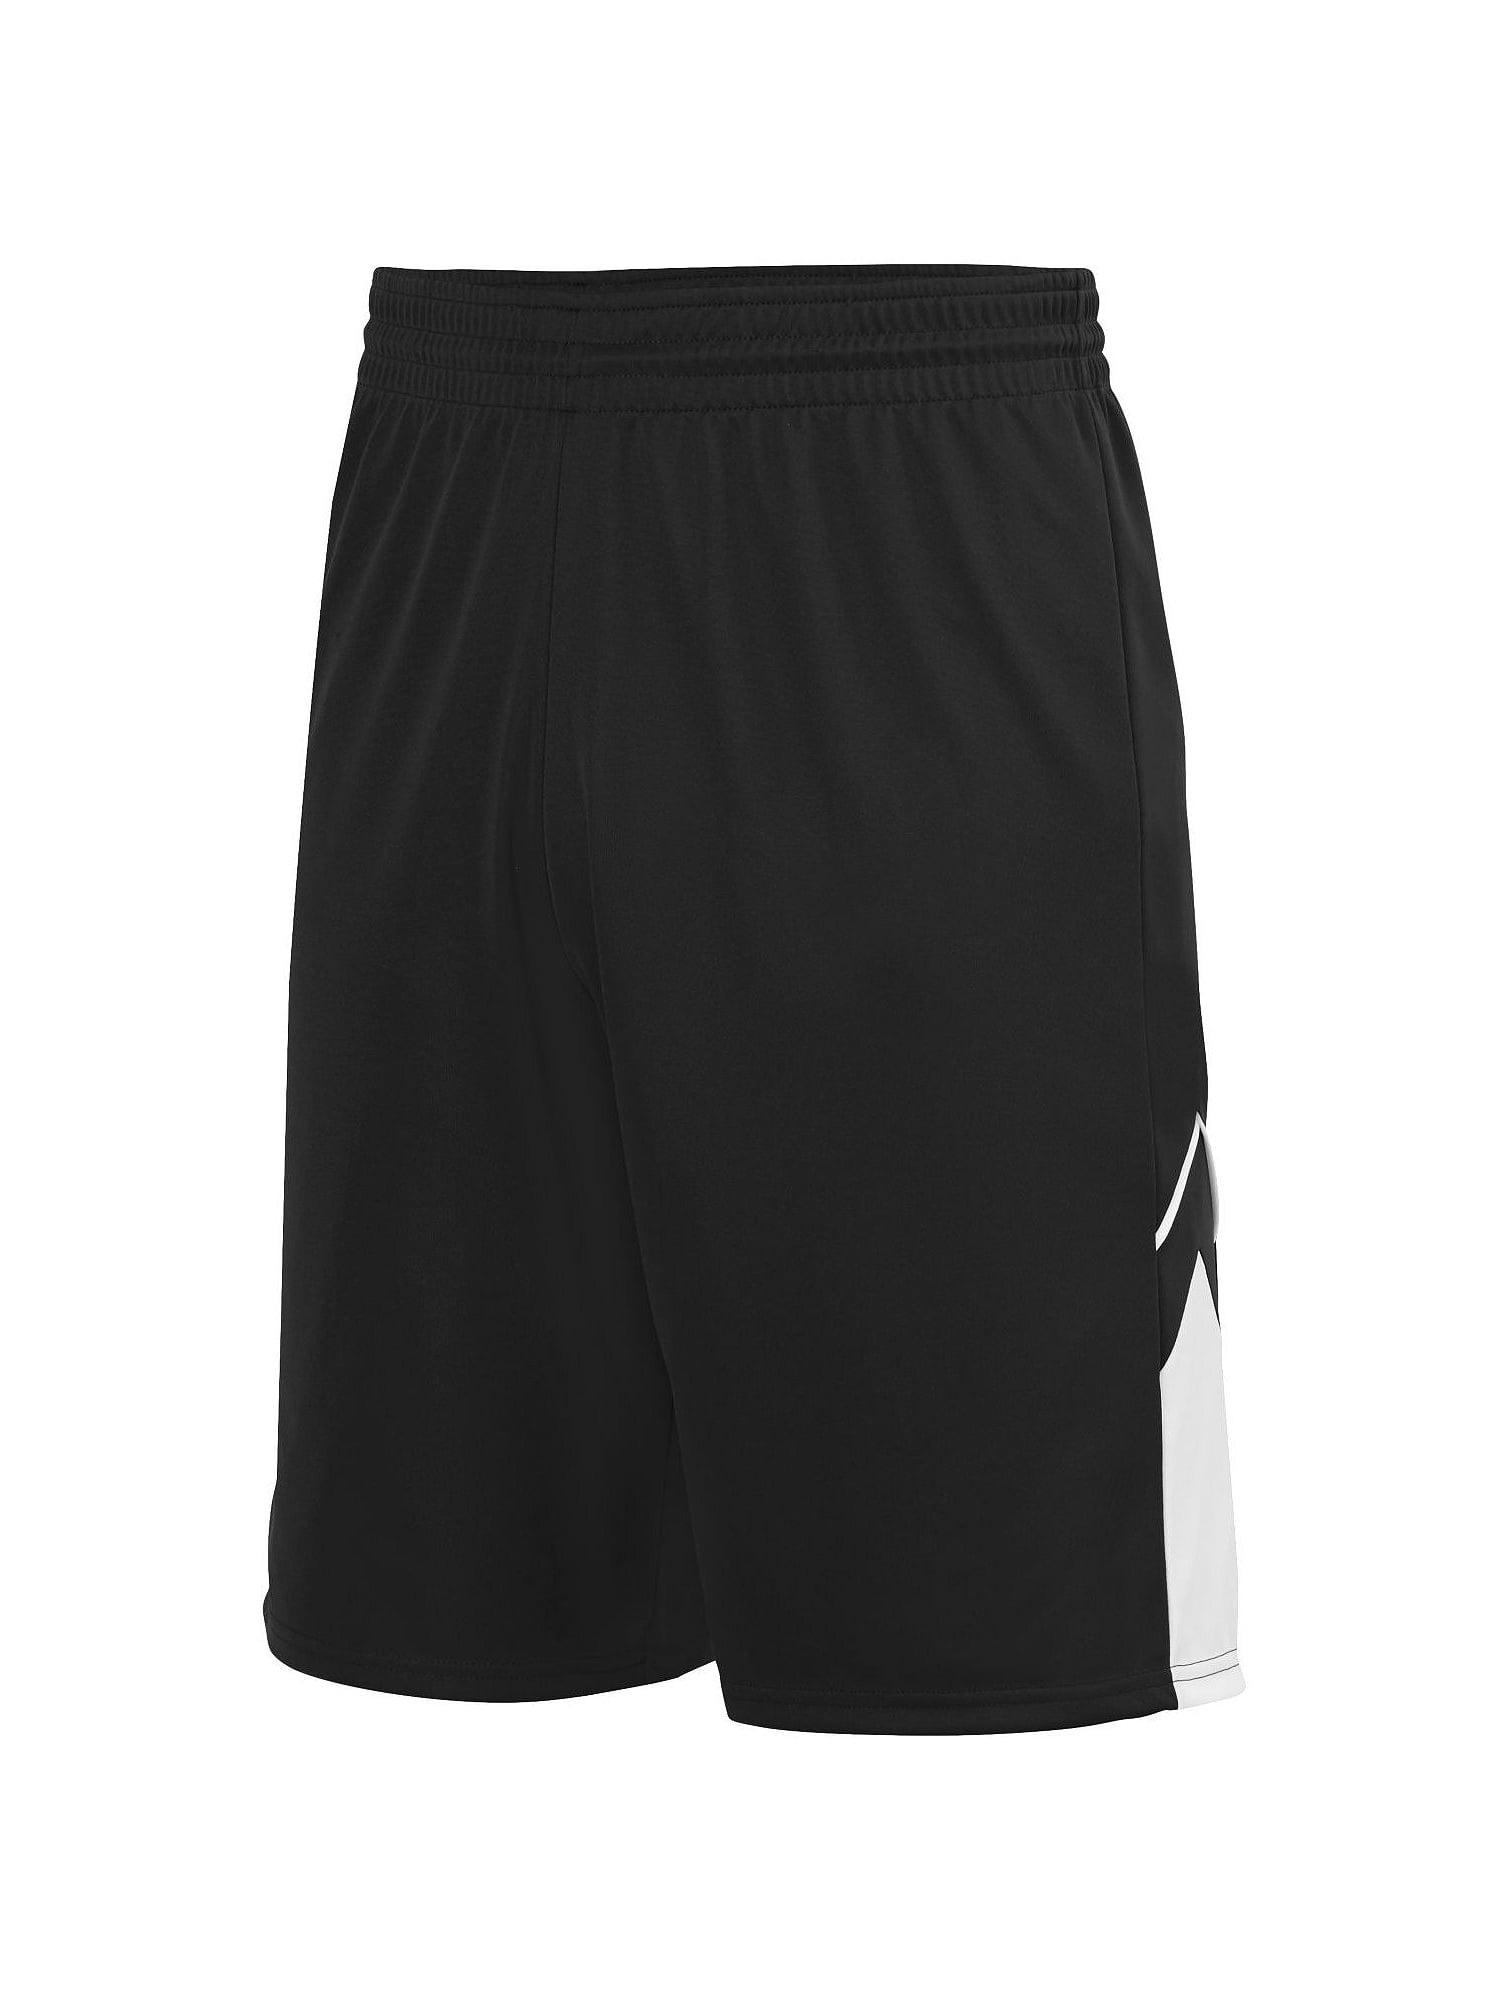 Augusta Sportswear BOYS' ALLEY-OOP REVERSIBLE SHORT 1169